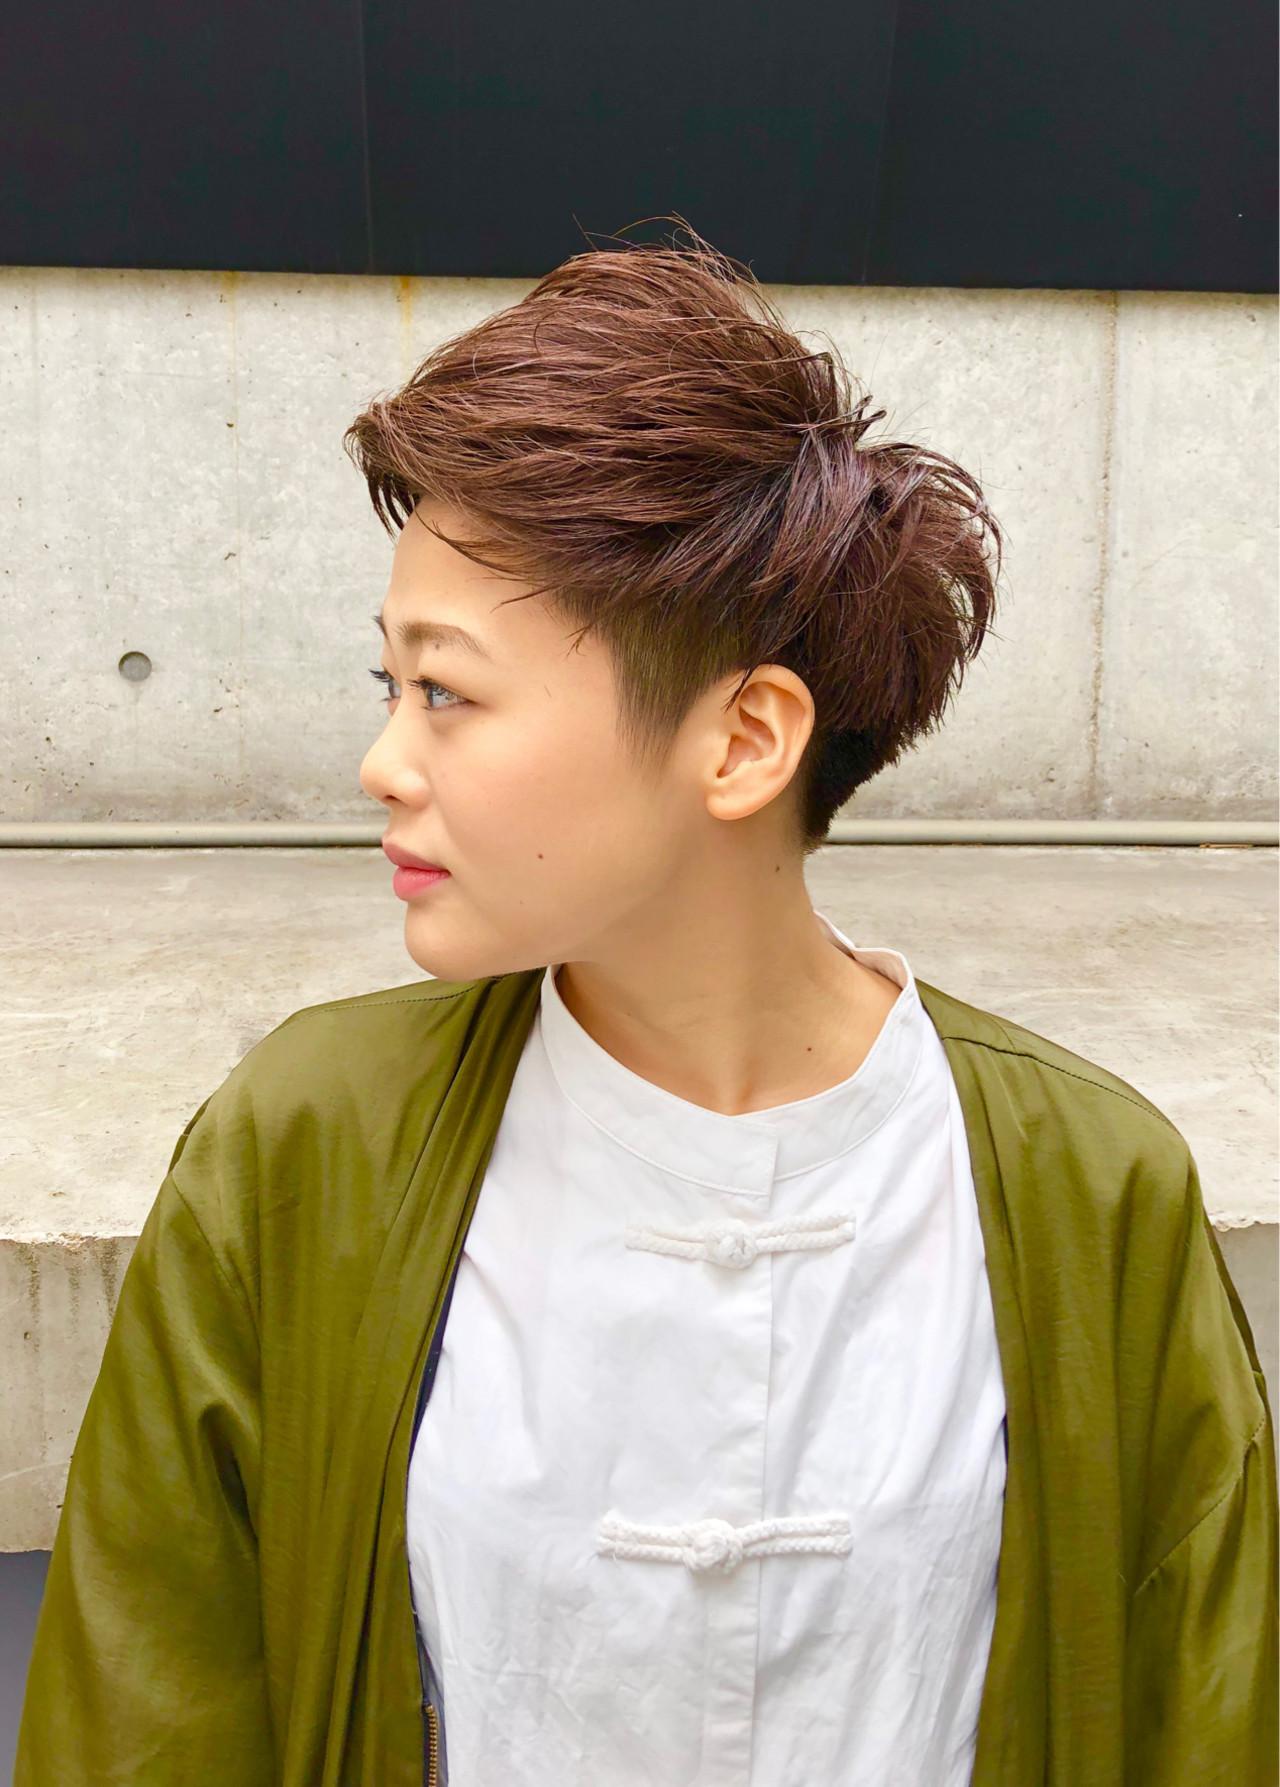 ストリート 刈り上げショート ベリーショート 刈り上げ ヘアスタイルや髪型の写真・画像